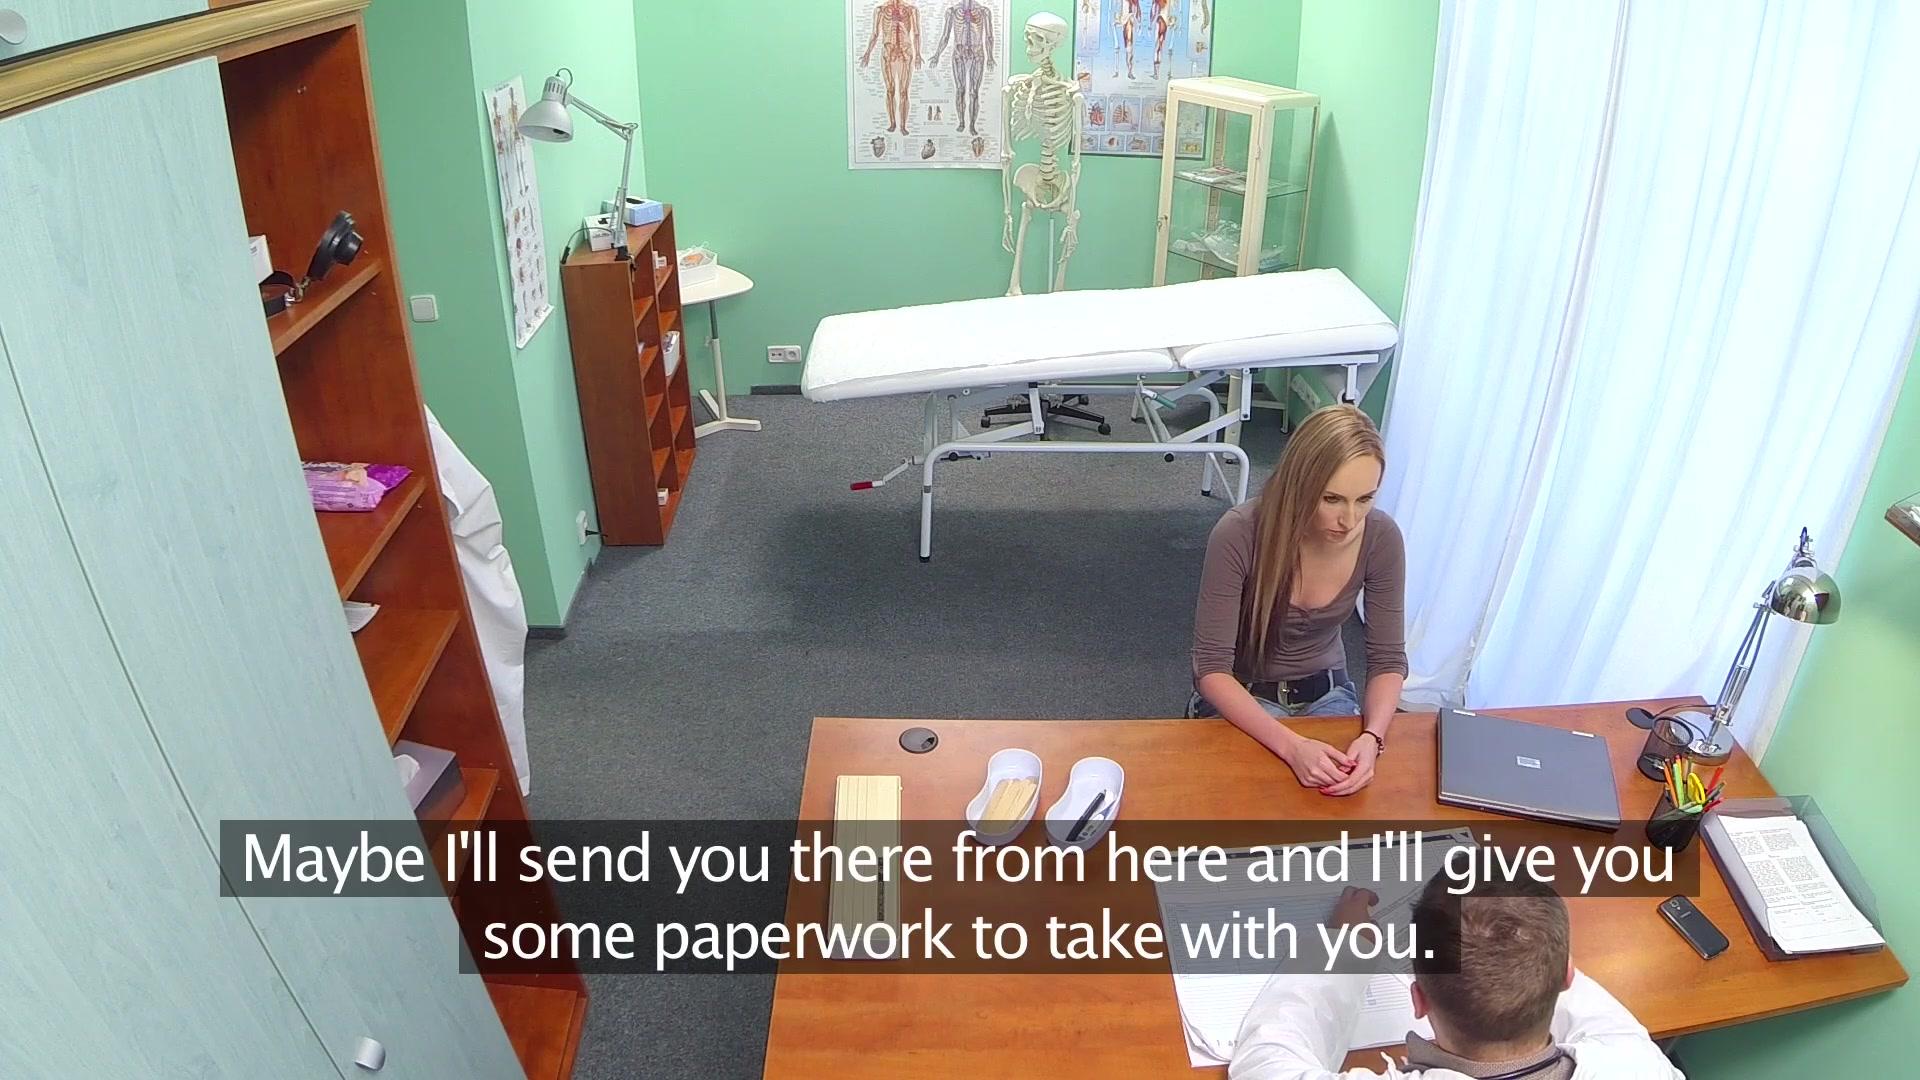 Русский секс итрахнул, Категория Русское - русское порно, русское порно 12 фотография